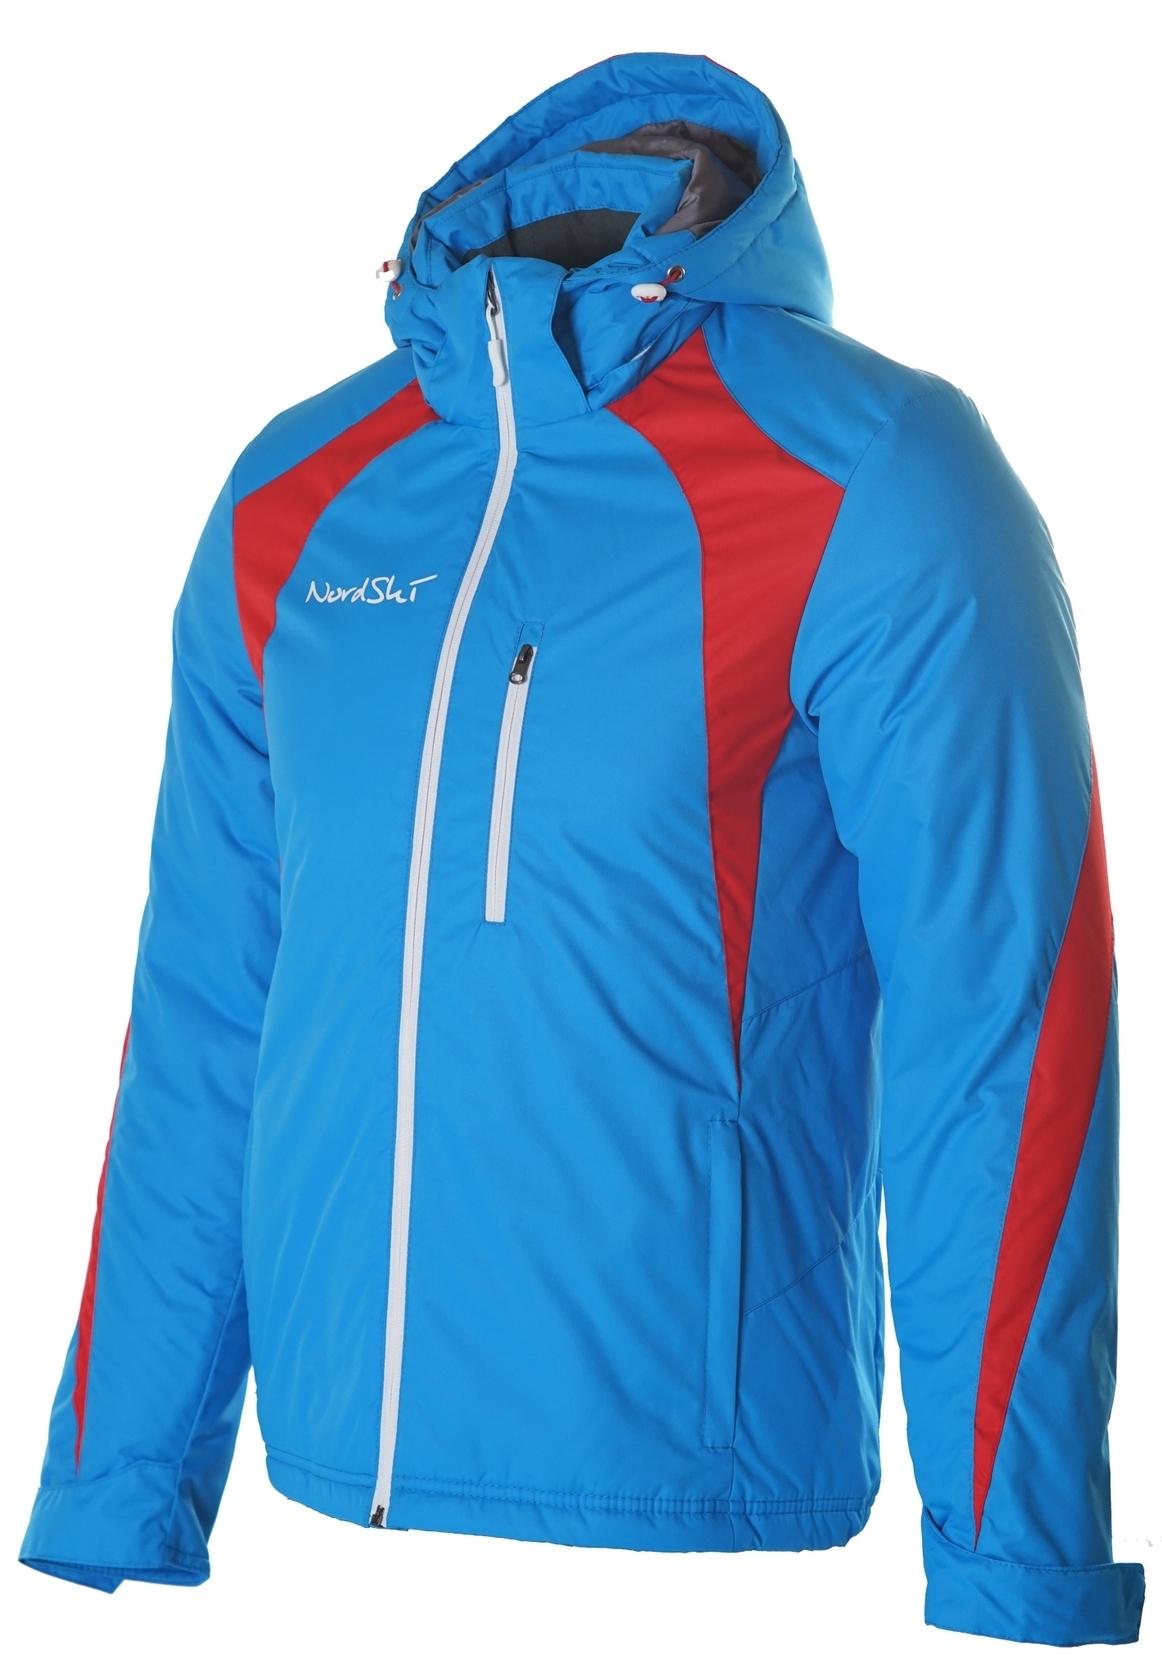 Утепленная прогулочная лыжная куртка Nordski NSV110770 фото